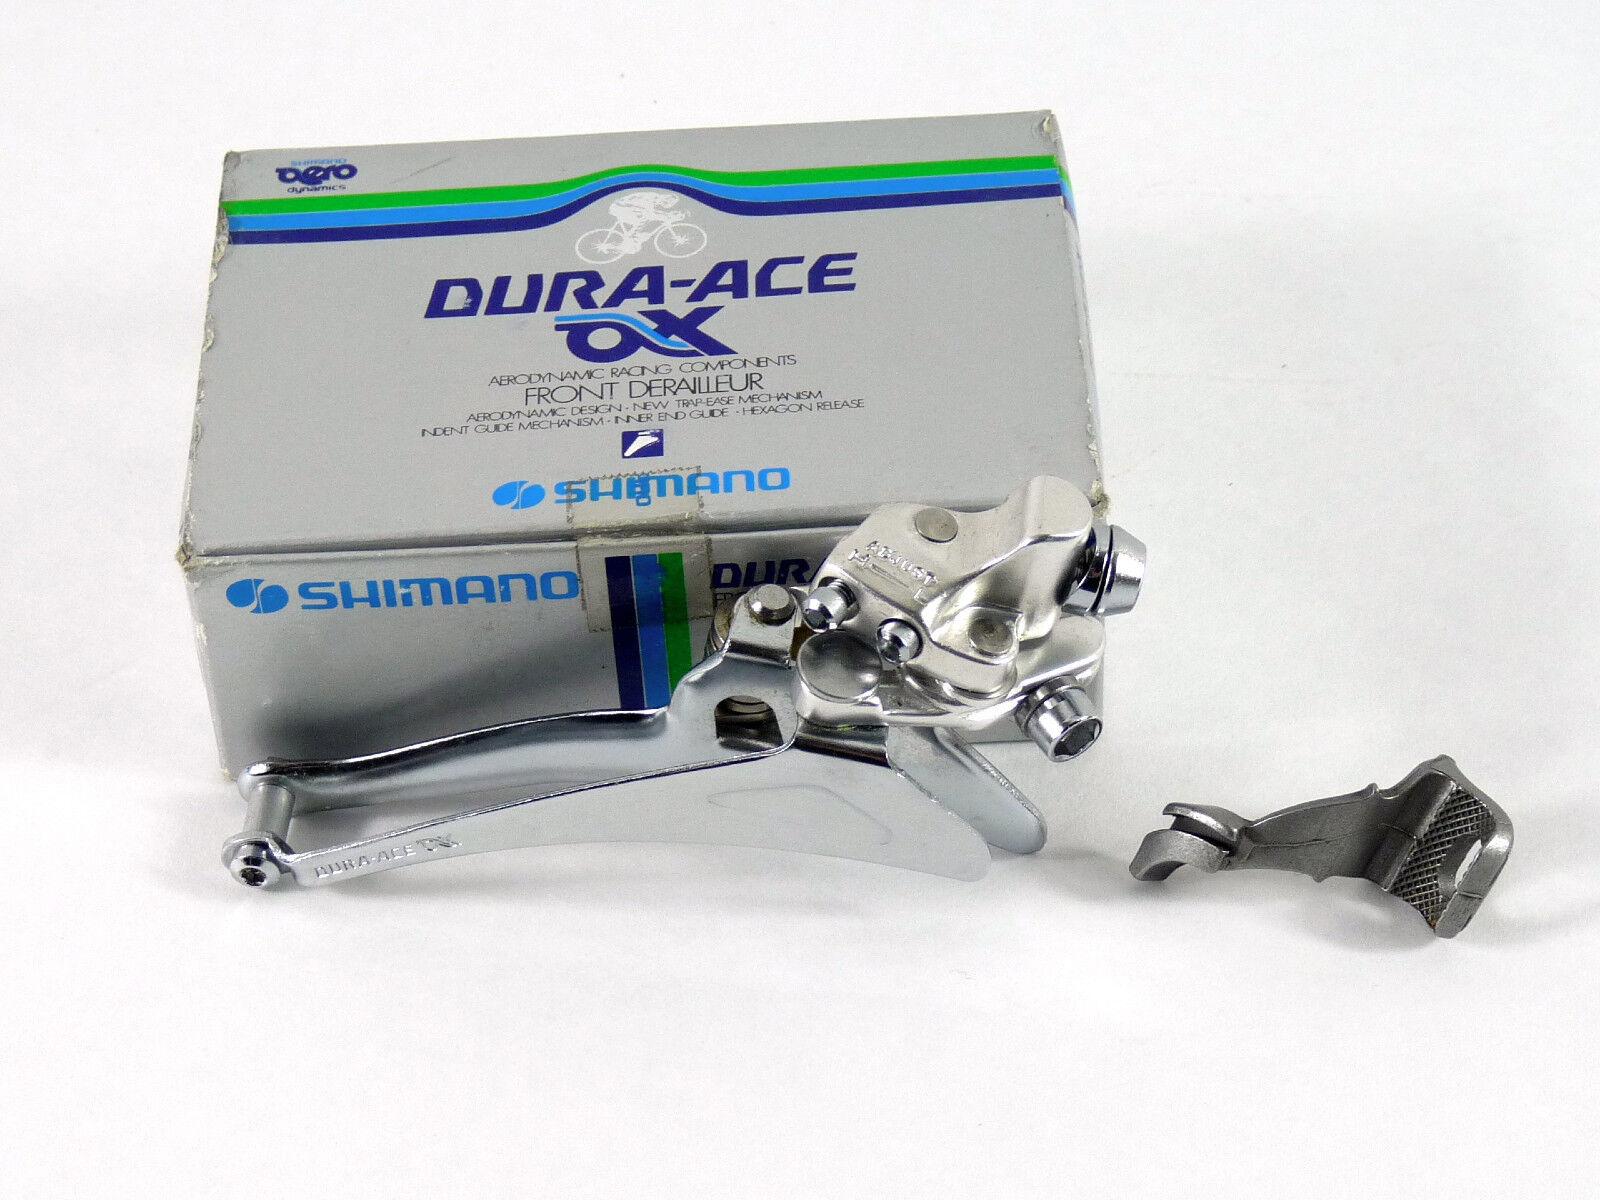 Dura Ace AX Desviador Shimano Modelo 7320 W especial blando en stock viejo nuevo